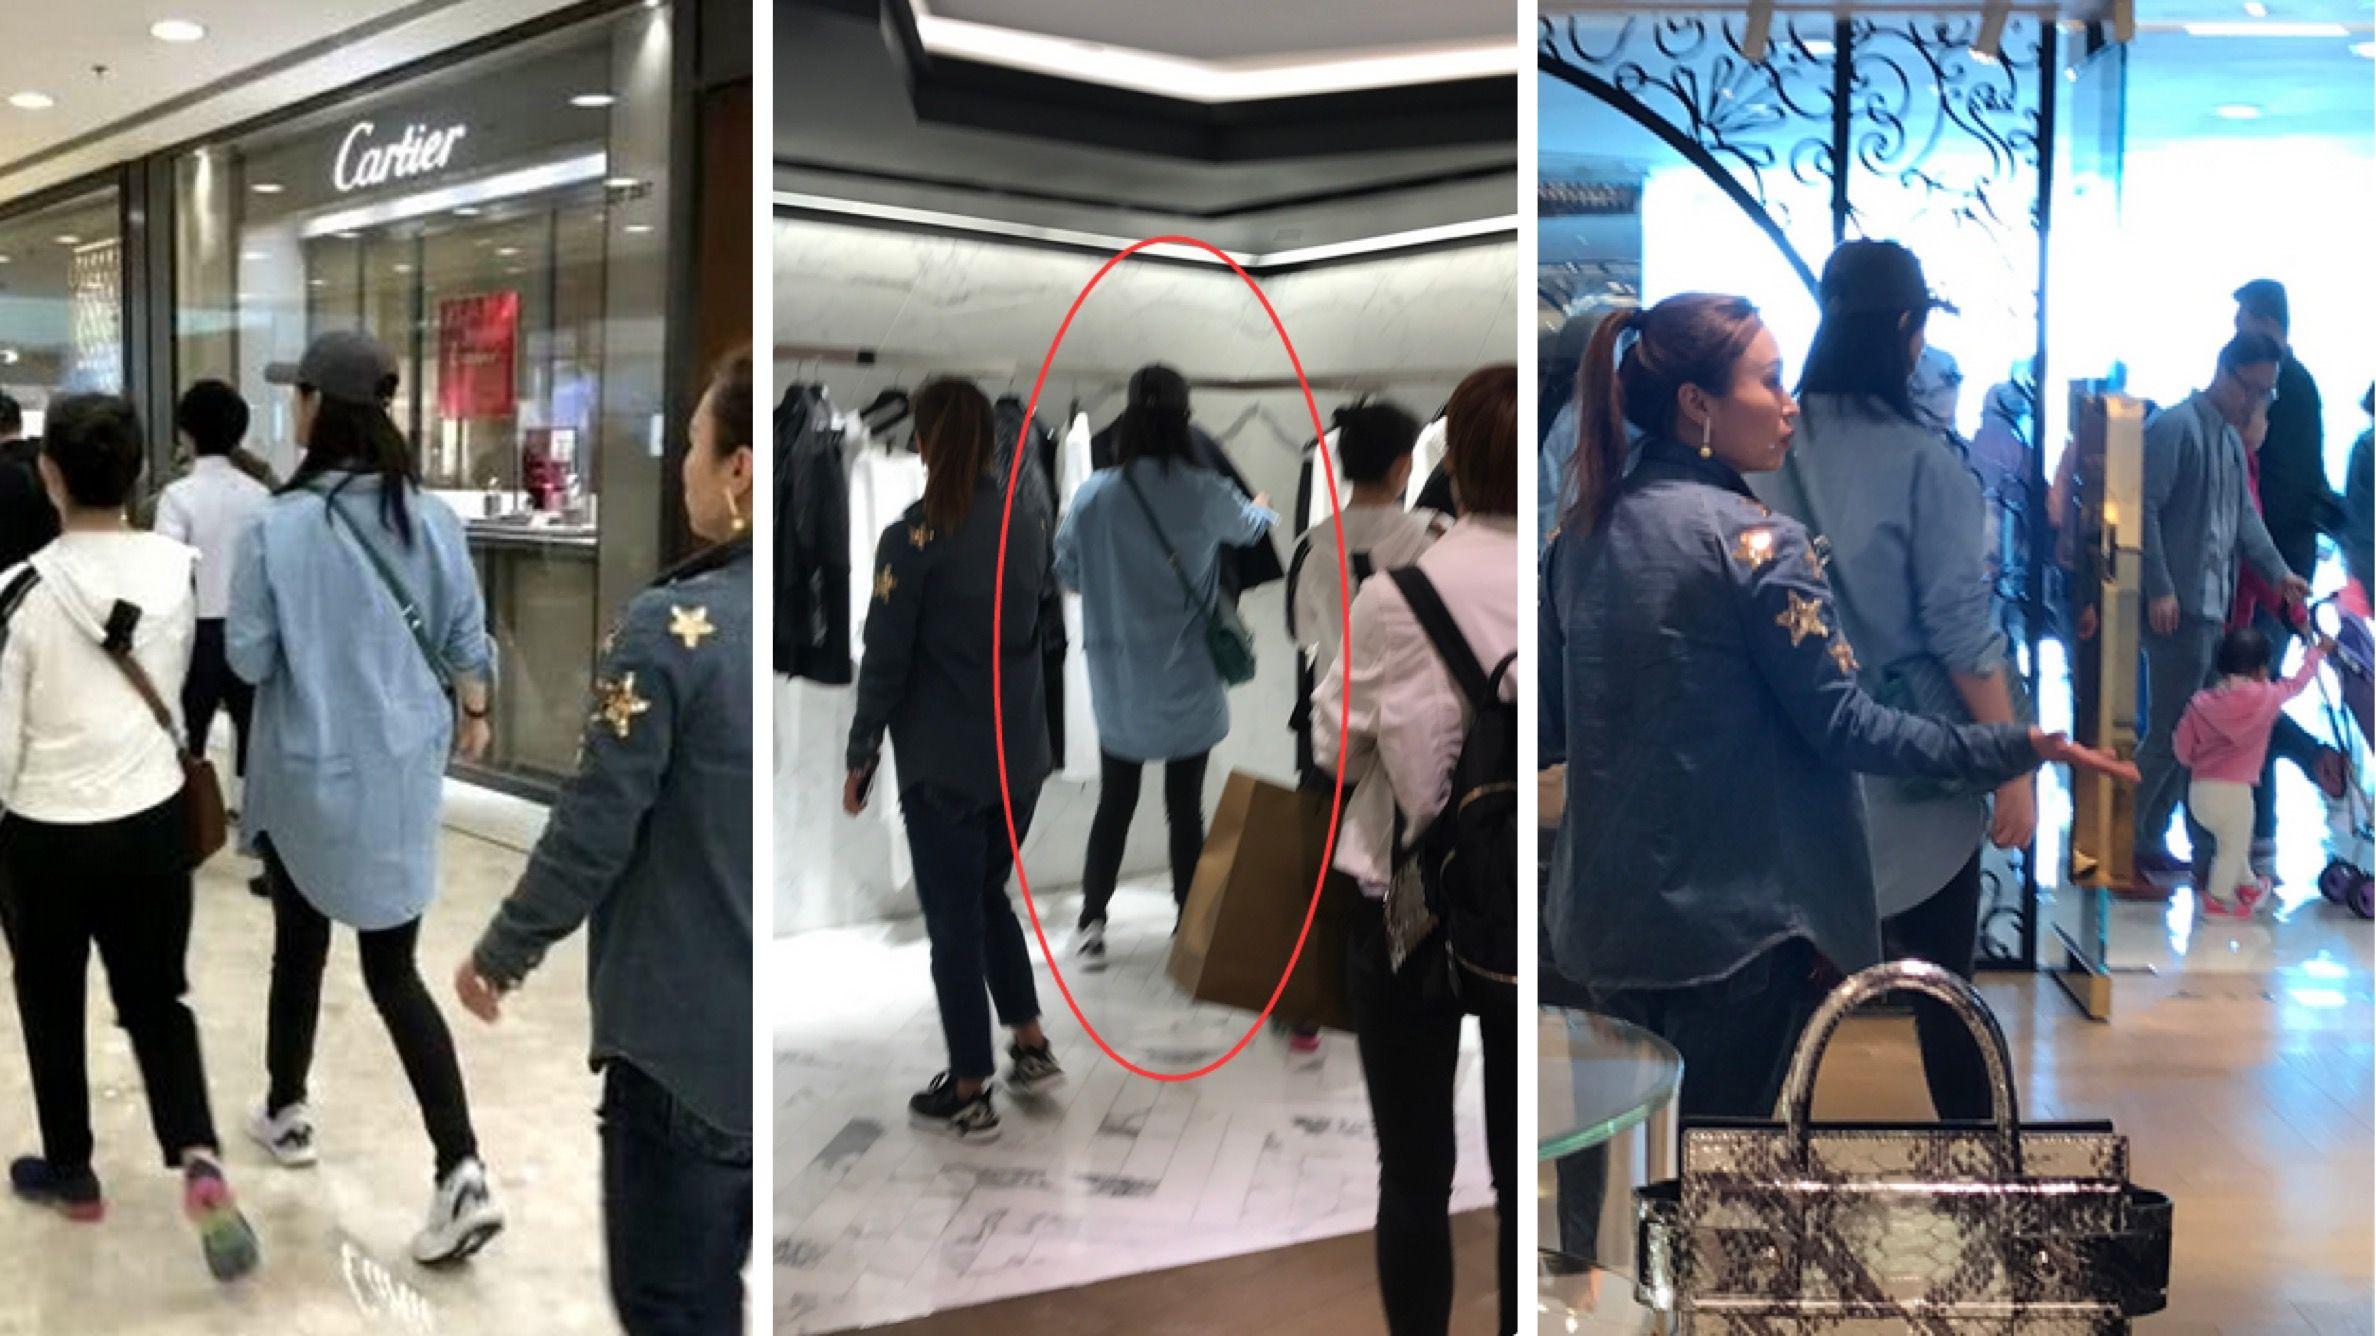 蒋欣商场被偶遇减肥成果惊人 网友:又高又瘦!